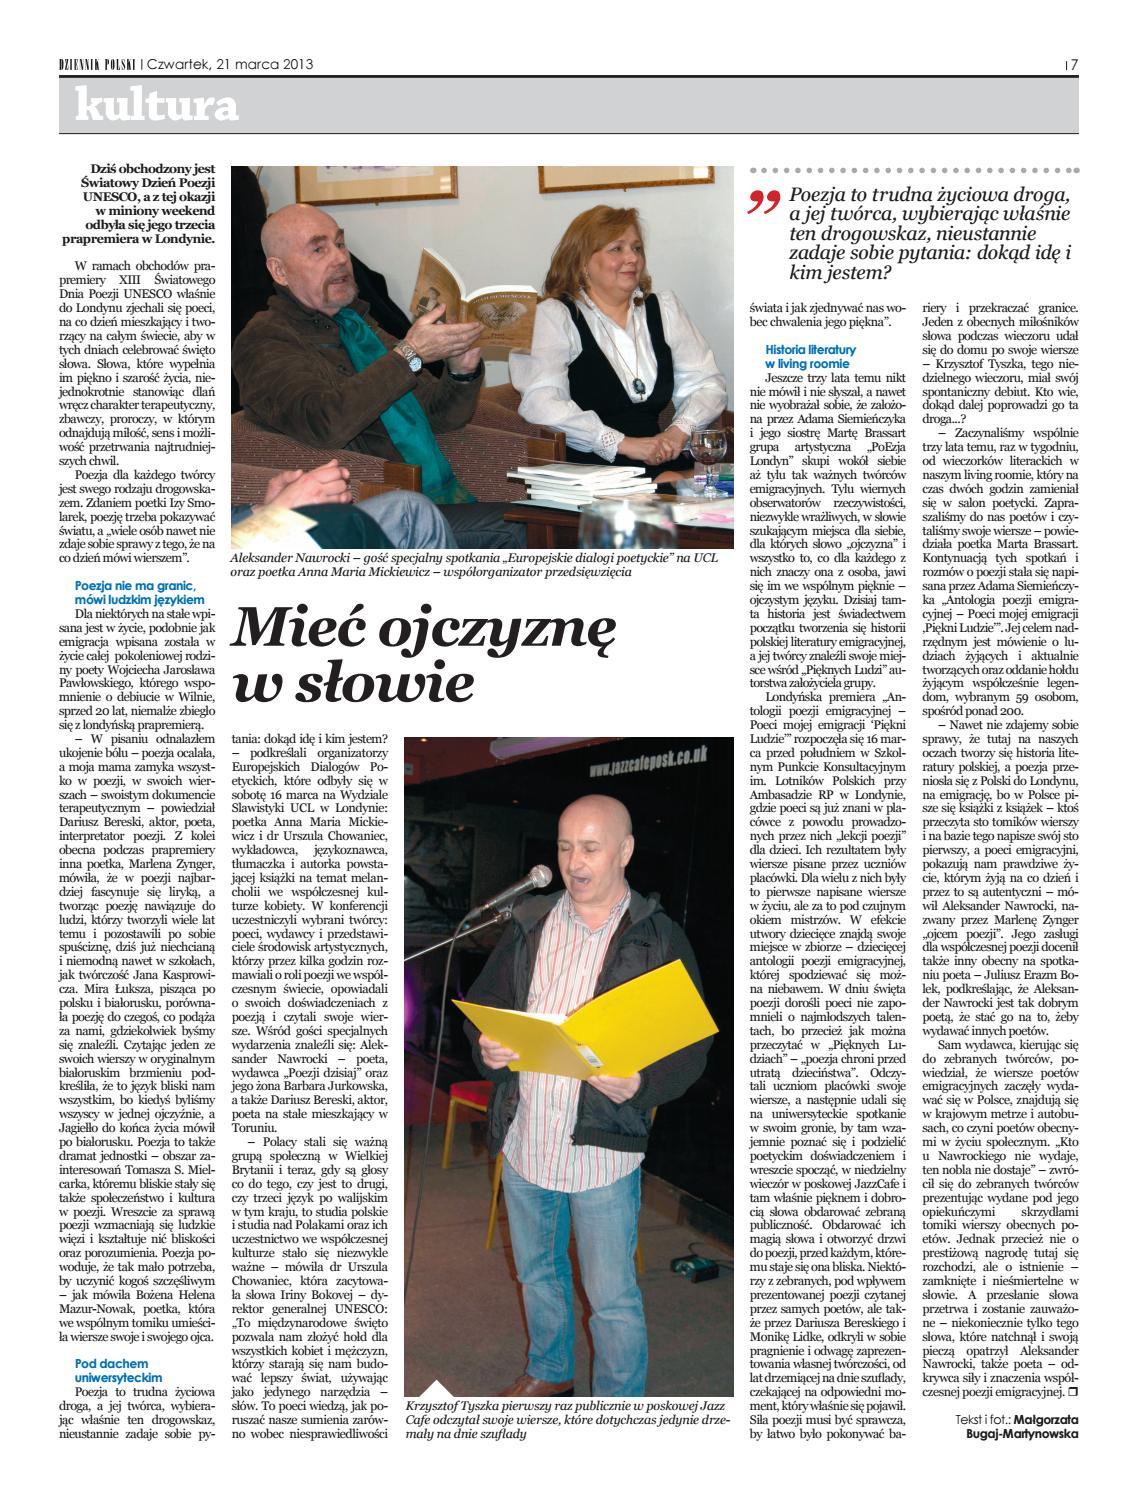 Pol072103 Mieć Ojczyznę W Słowie Copy By Grzegorz